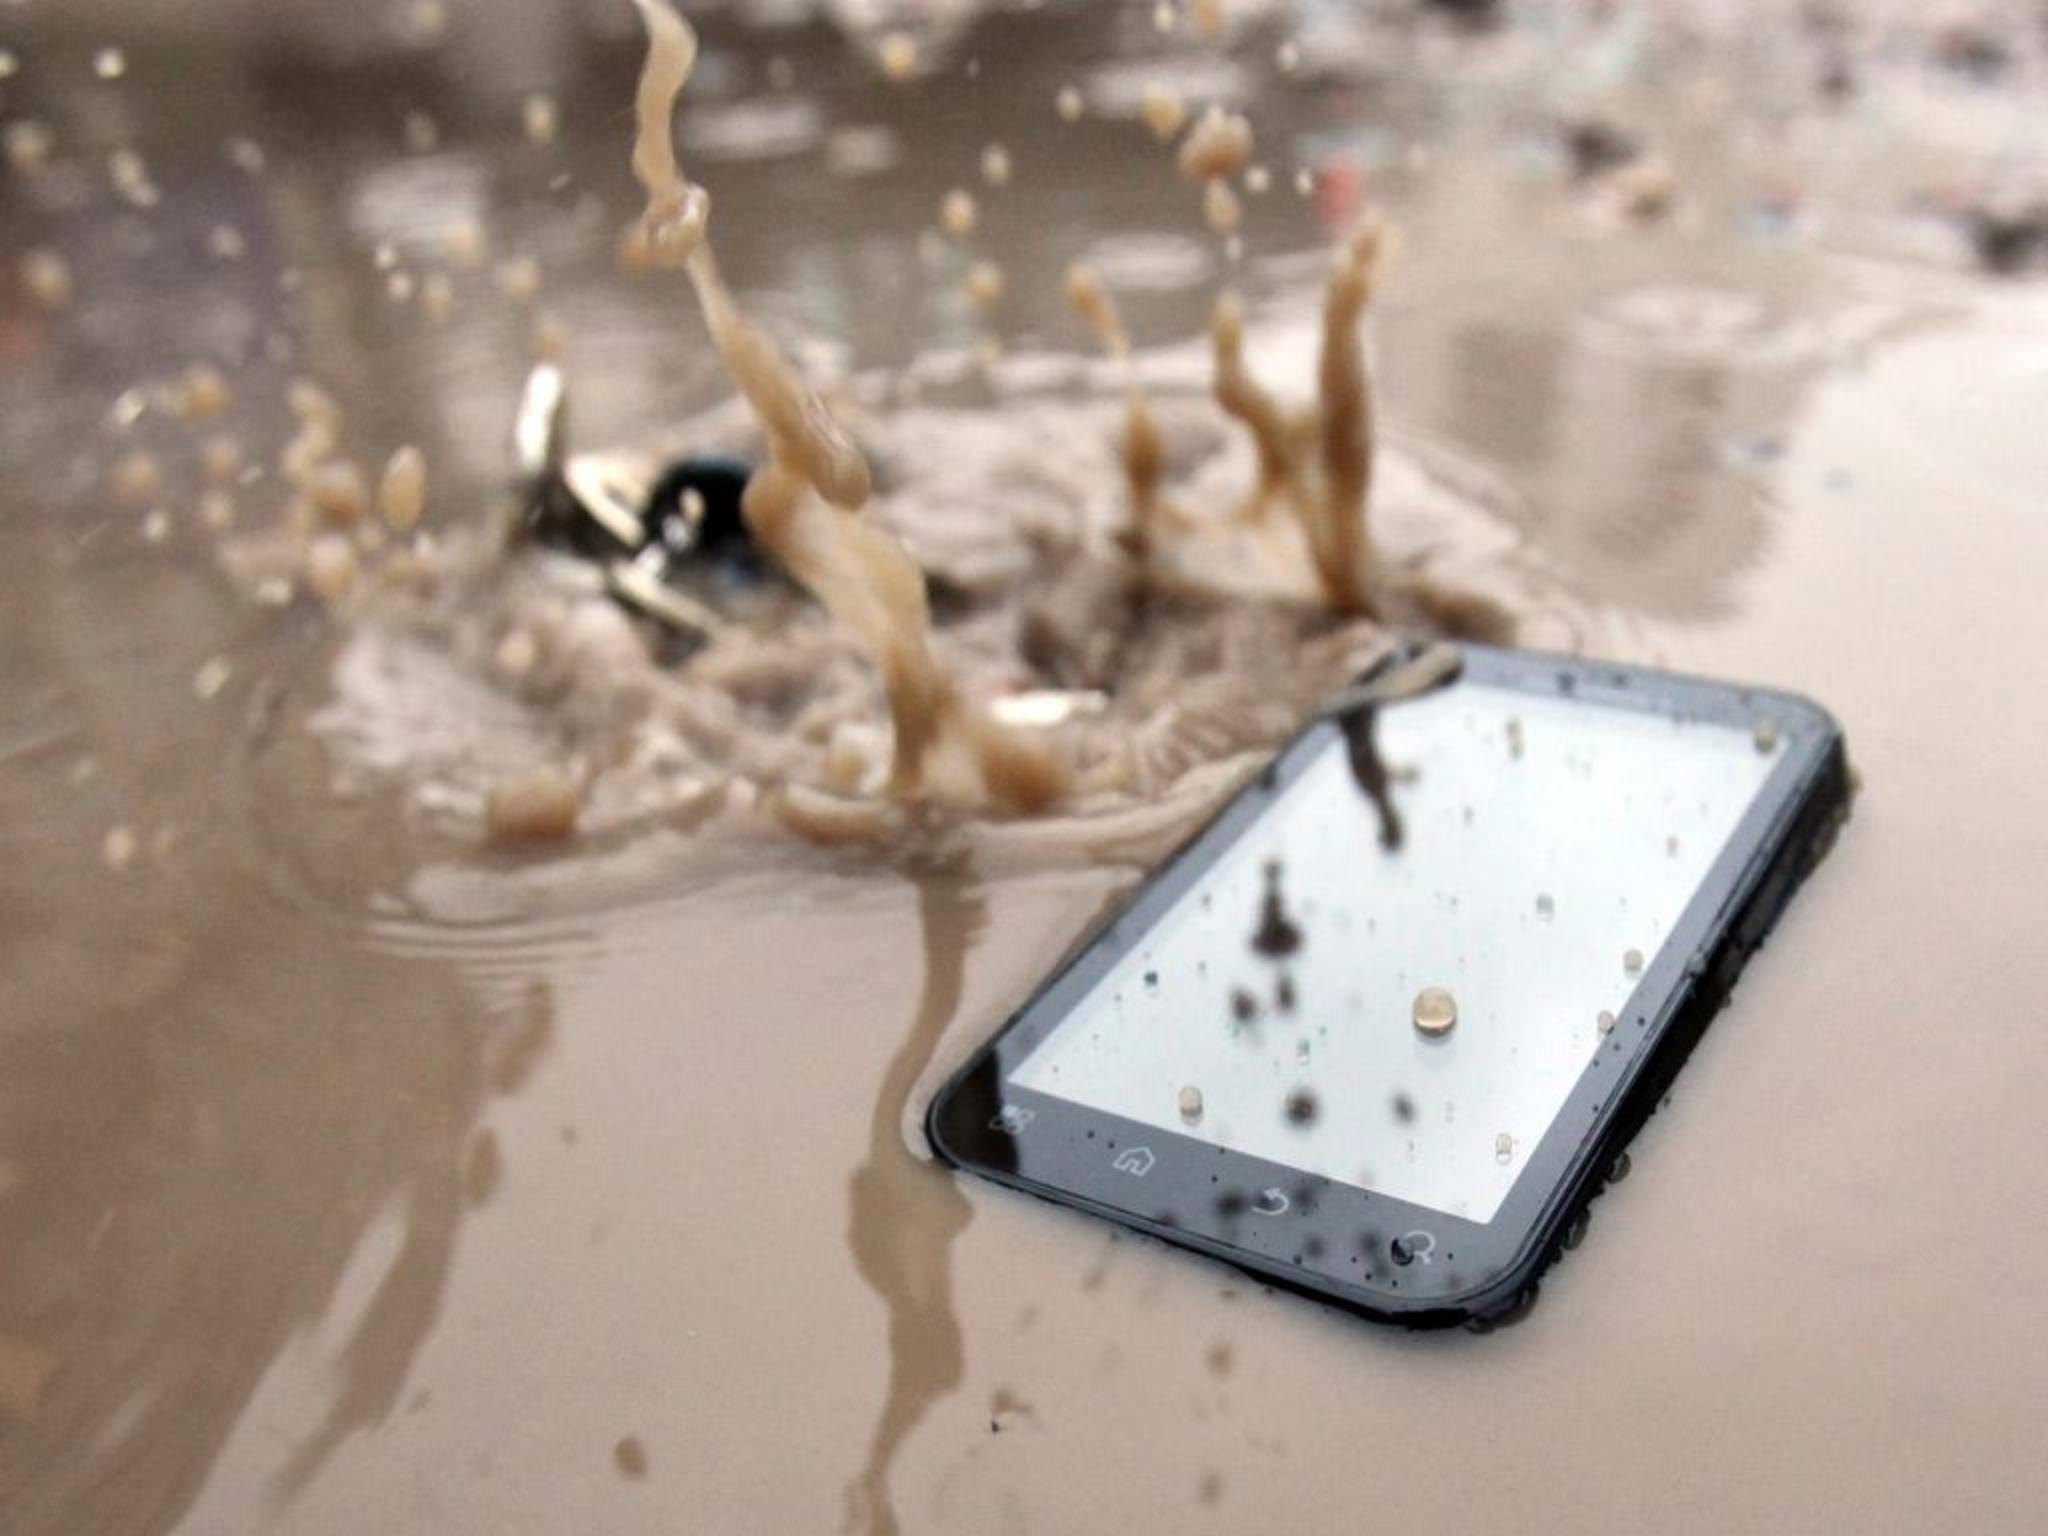 Ein Outdoor-Smartphone steckt sowas locker weg – wenn man das richtige kauft.